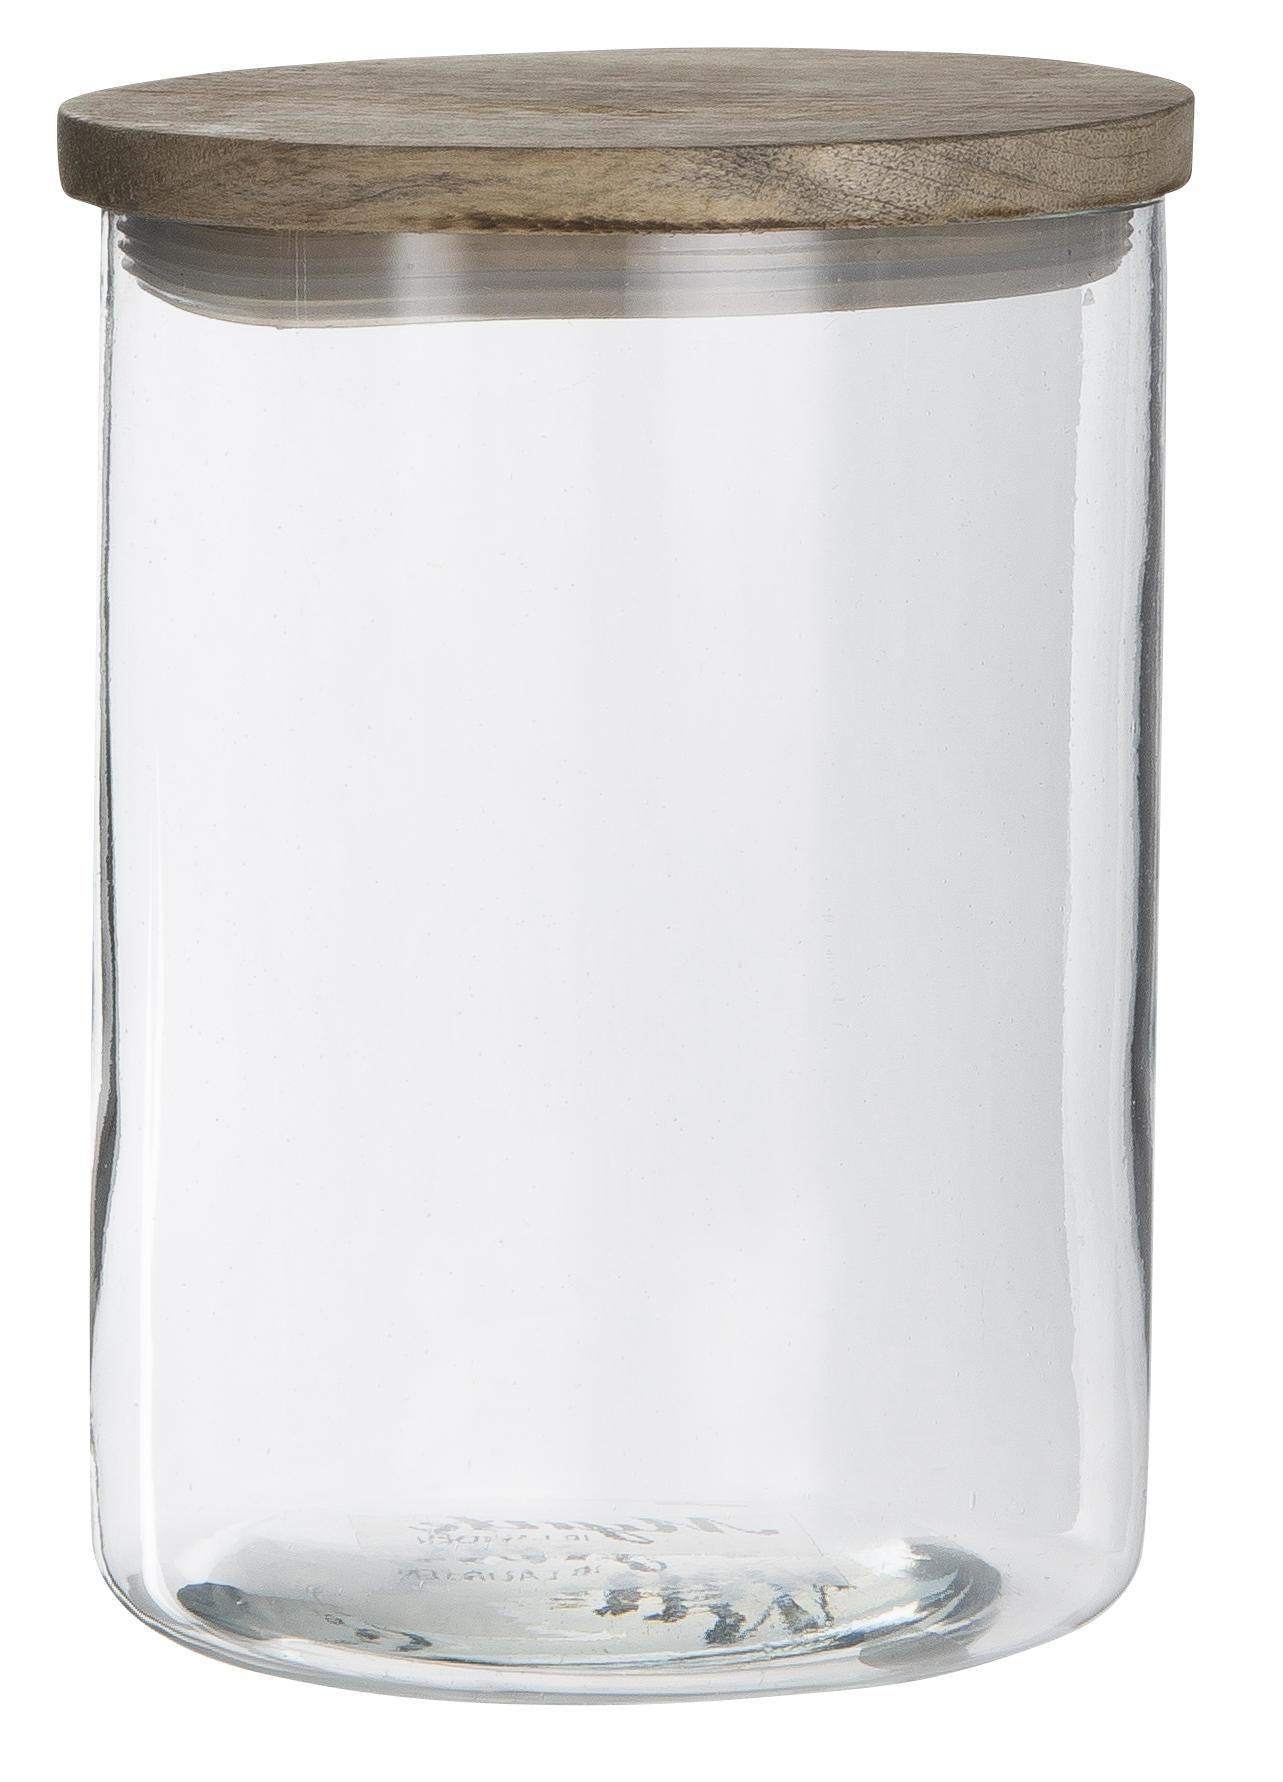 IB LAURSEN Skleněná dóza Mynte s dřevěným víčkem 800 ml, čirá barva, přírodní barva, sklo, dřevo